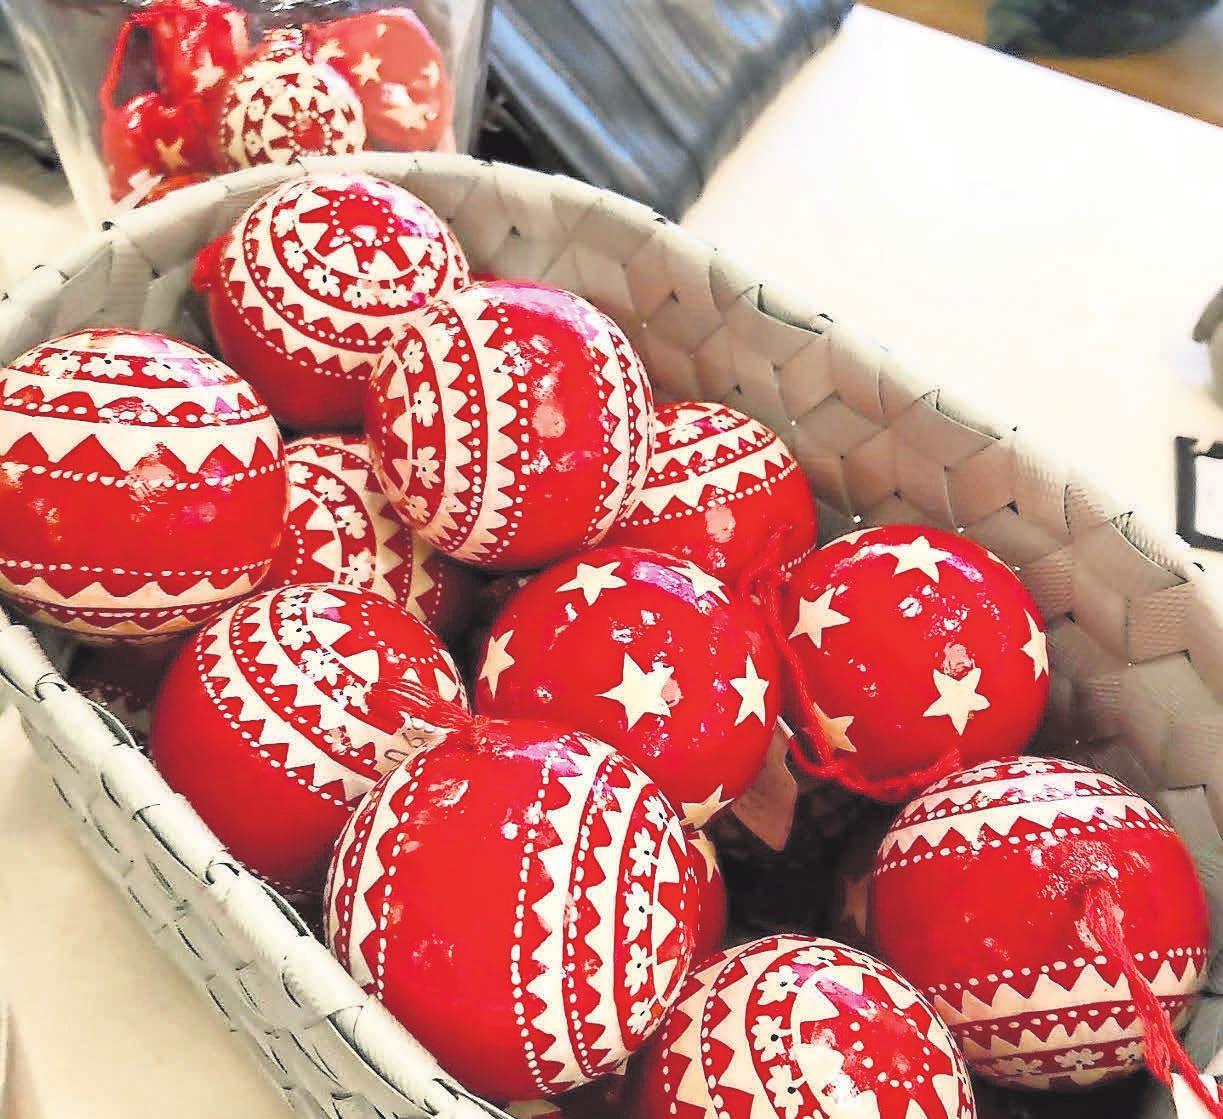 Wunderschöne Advents- und Weihnachtsaccessoires finden sich bei Lykkelig bei Elektro-Andresen.